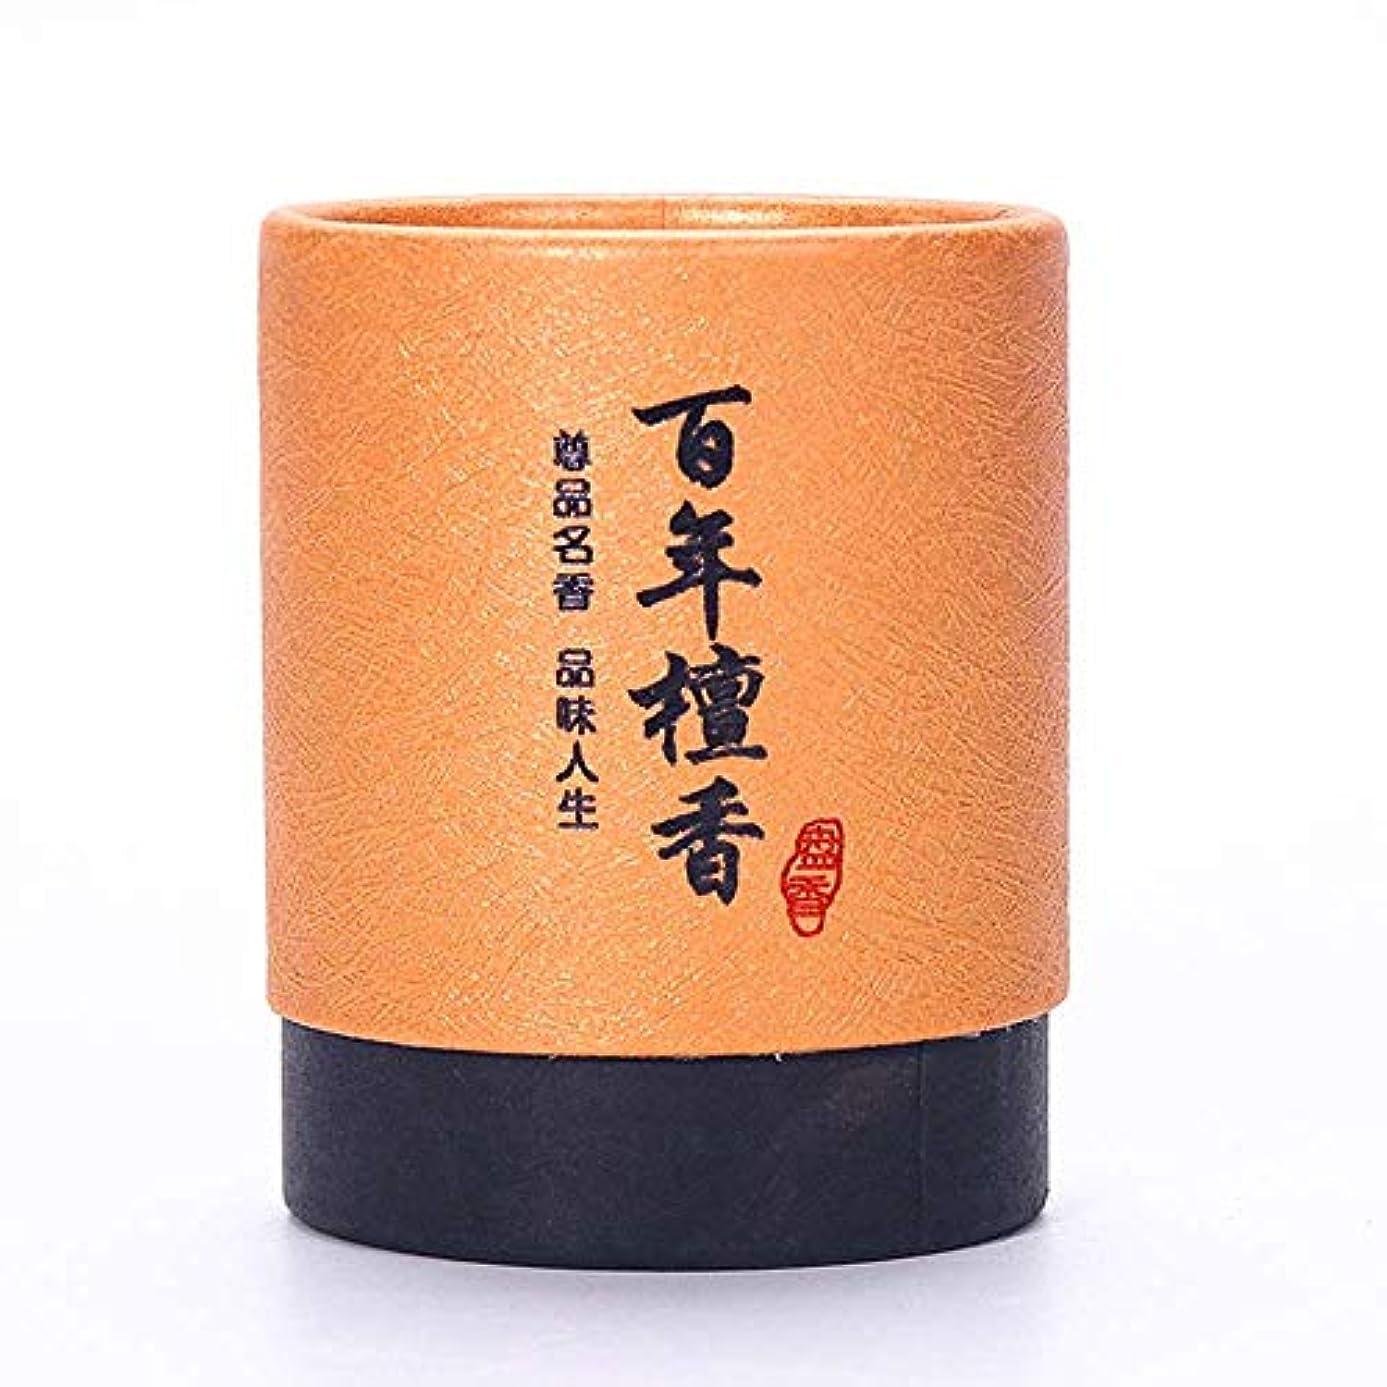 パネルフィットネス勤勉なHwaGui お香 2時間 盤香 渦巻き線香 優しい香り 48巻入 (百年檀香)